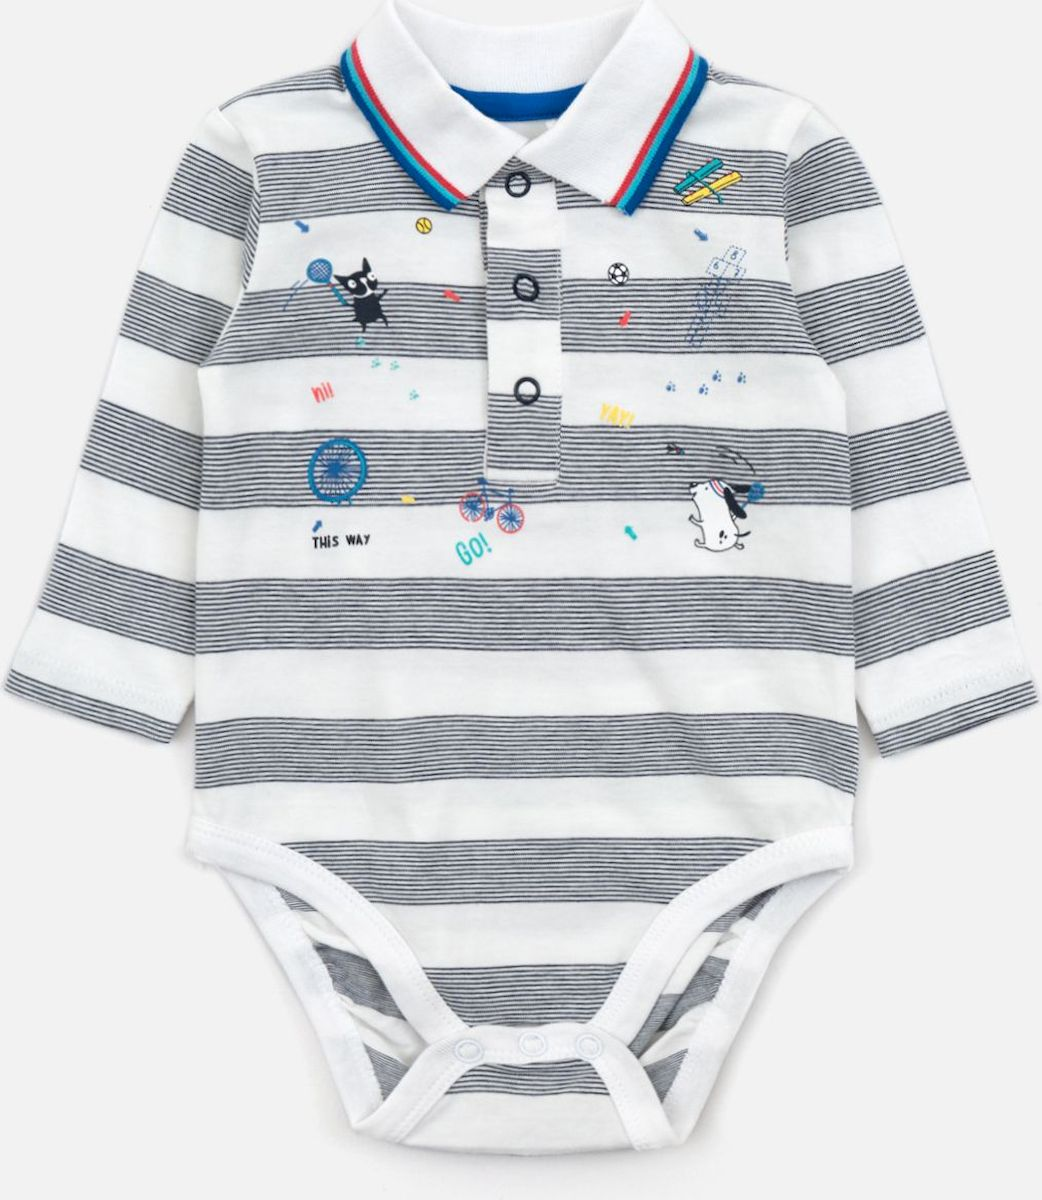 Комбинезон домашний Acoola Acoola Baby